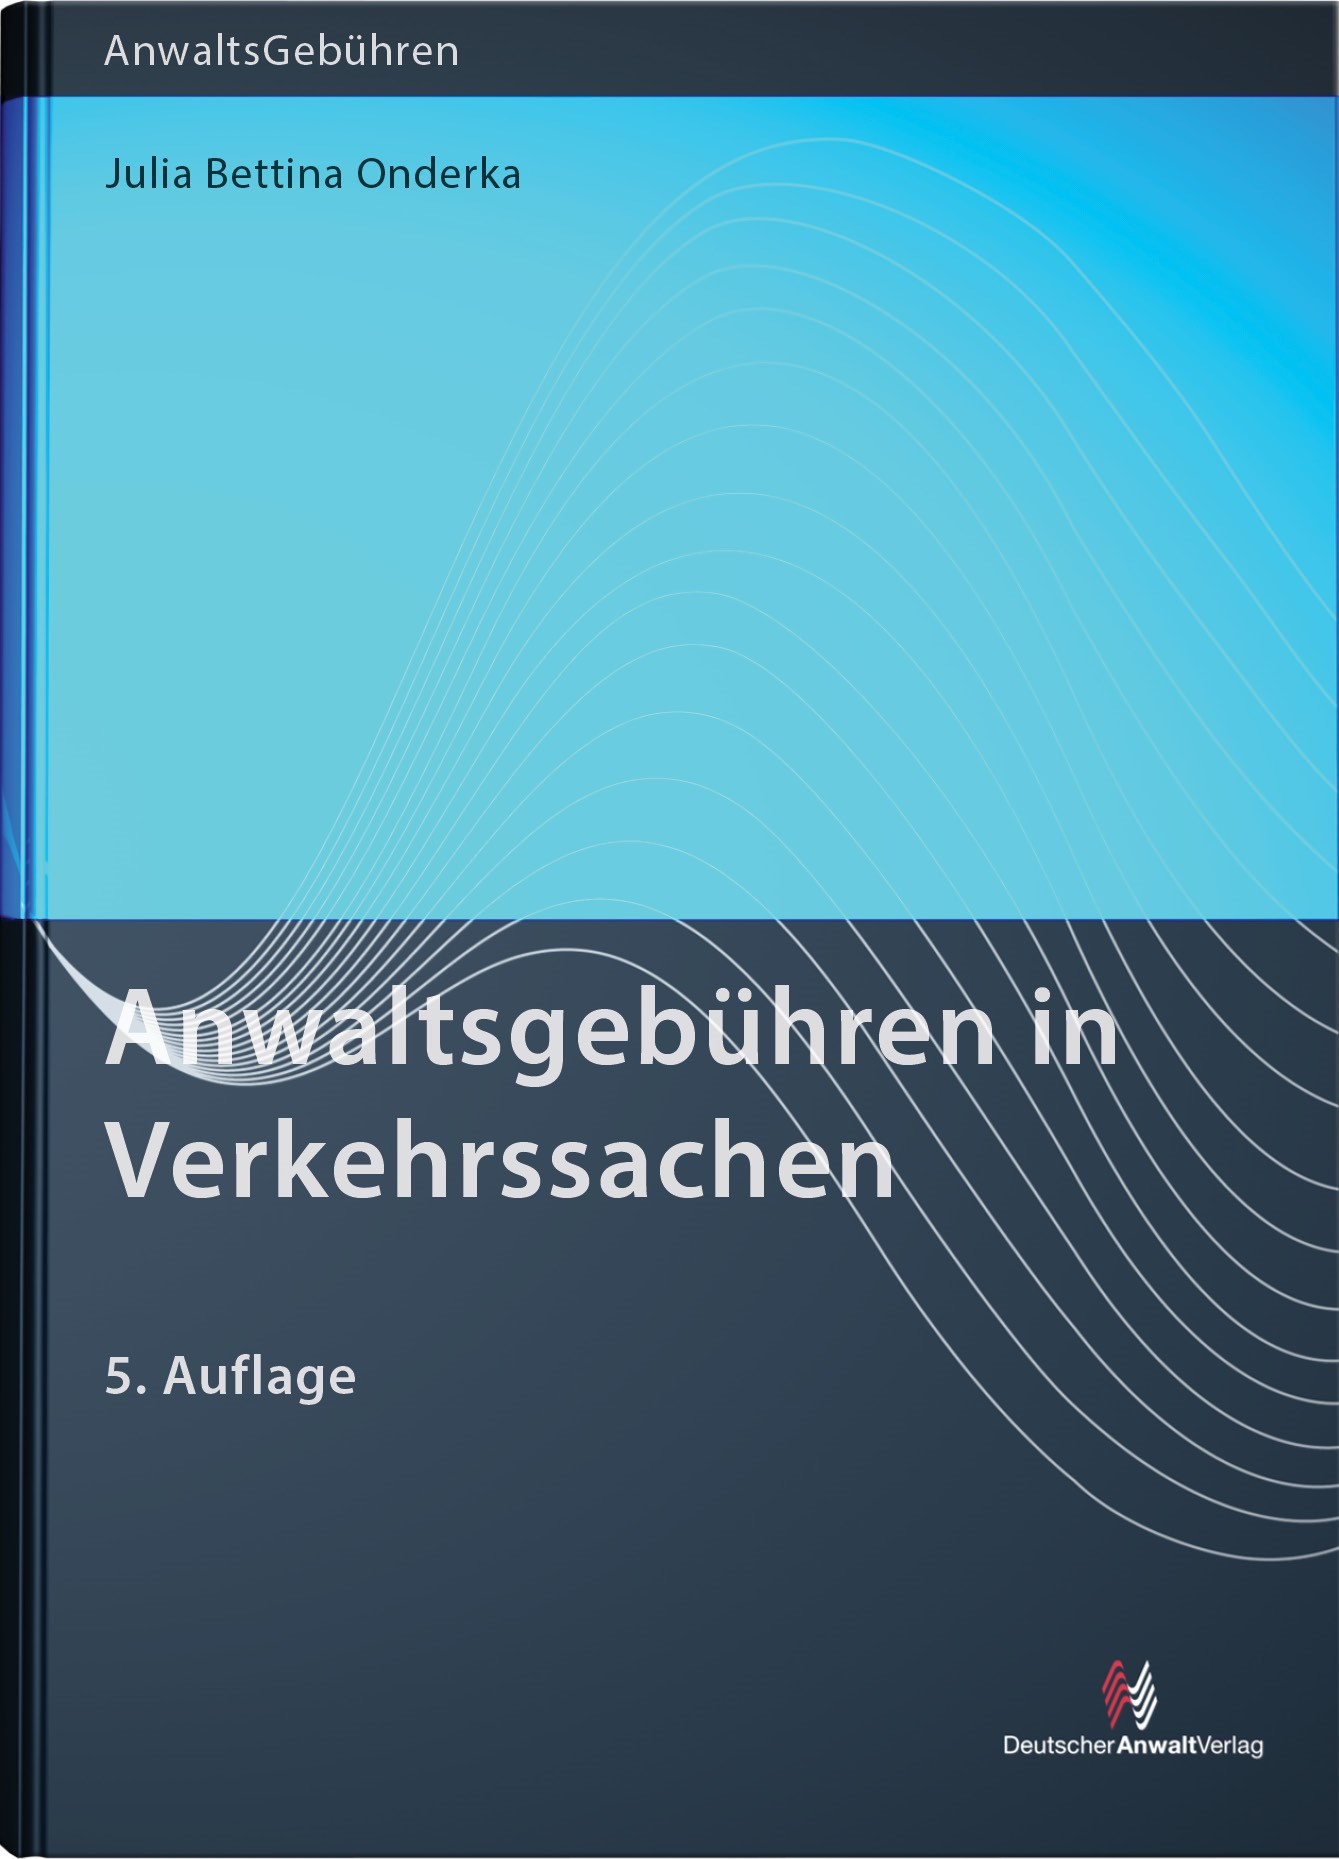 Anwaltsgebühren in Verkehrssachen | Onderka, 2016 (Cover)